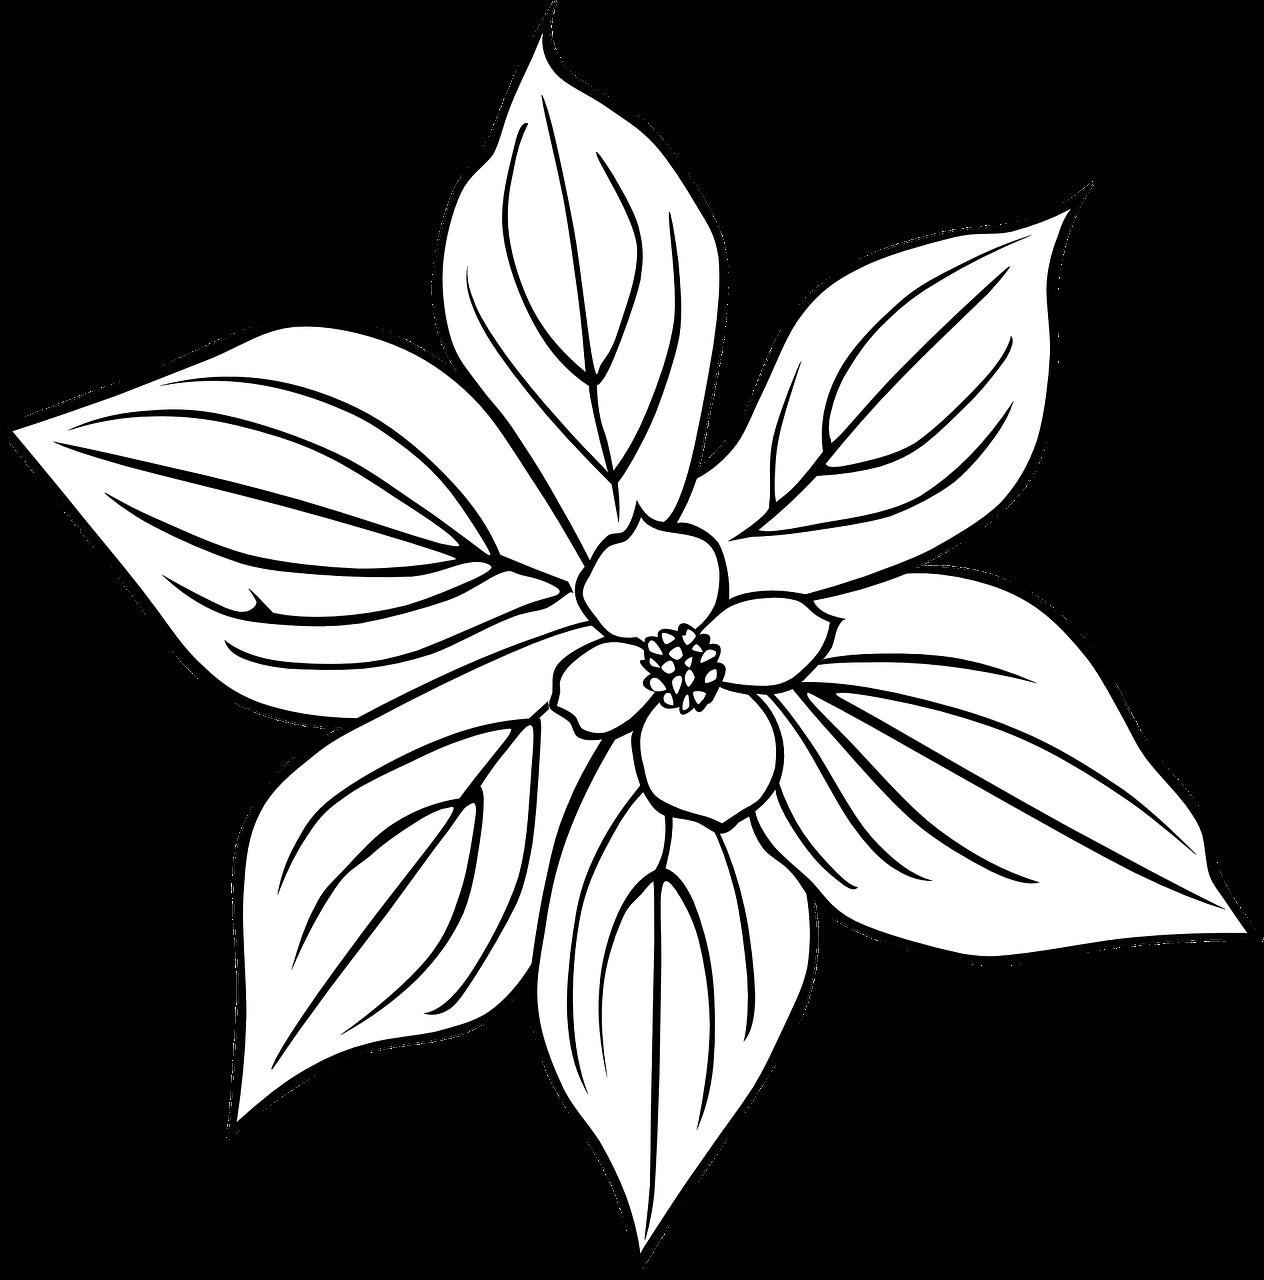 Daun Bunga Hitam Dan Putih Gambar Vektor Gratis Di Pixabay